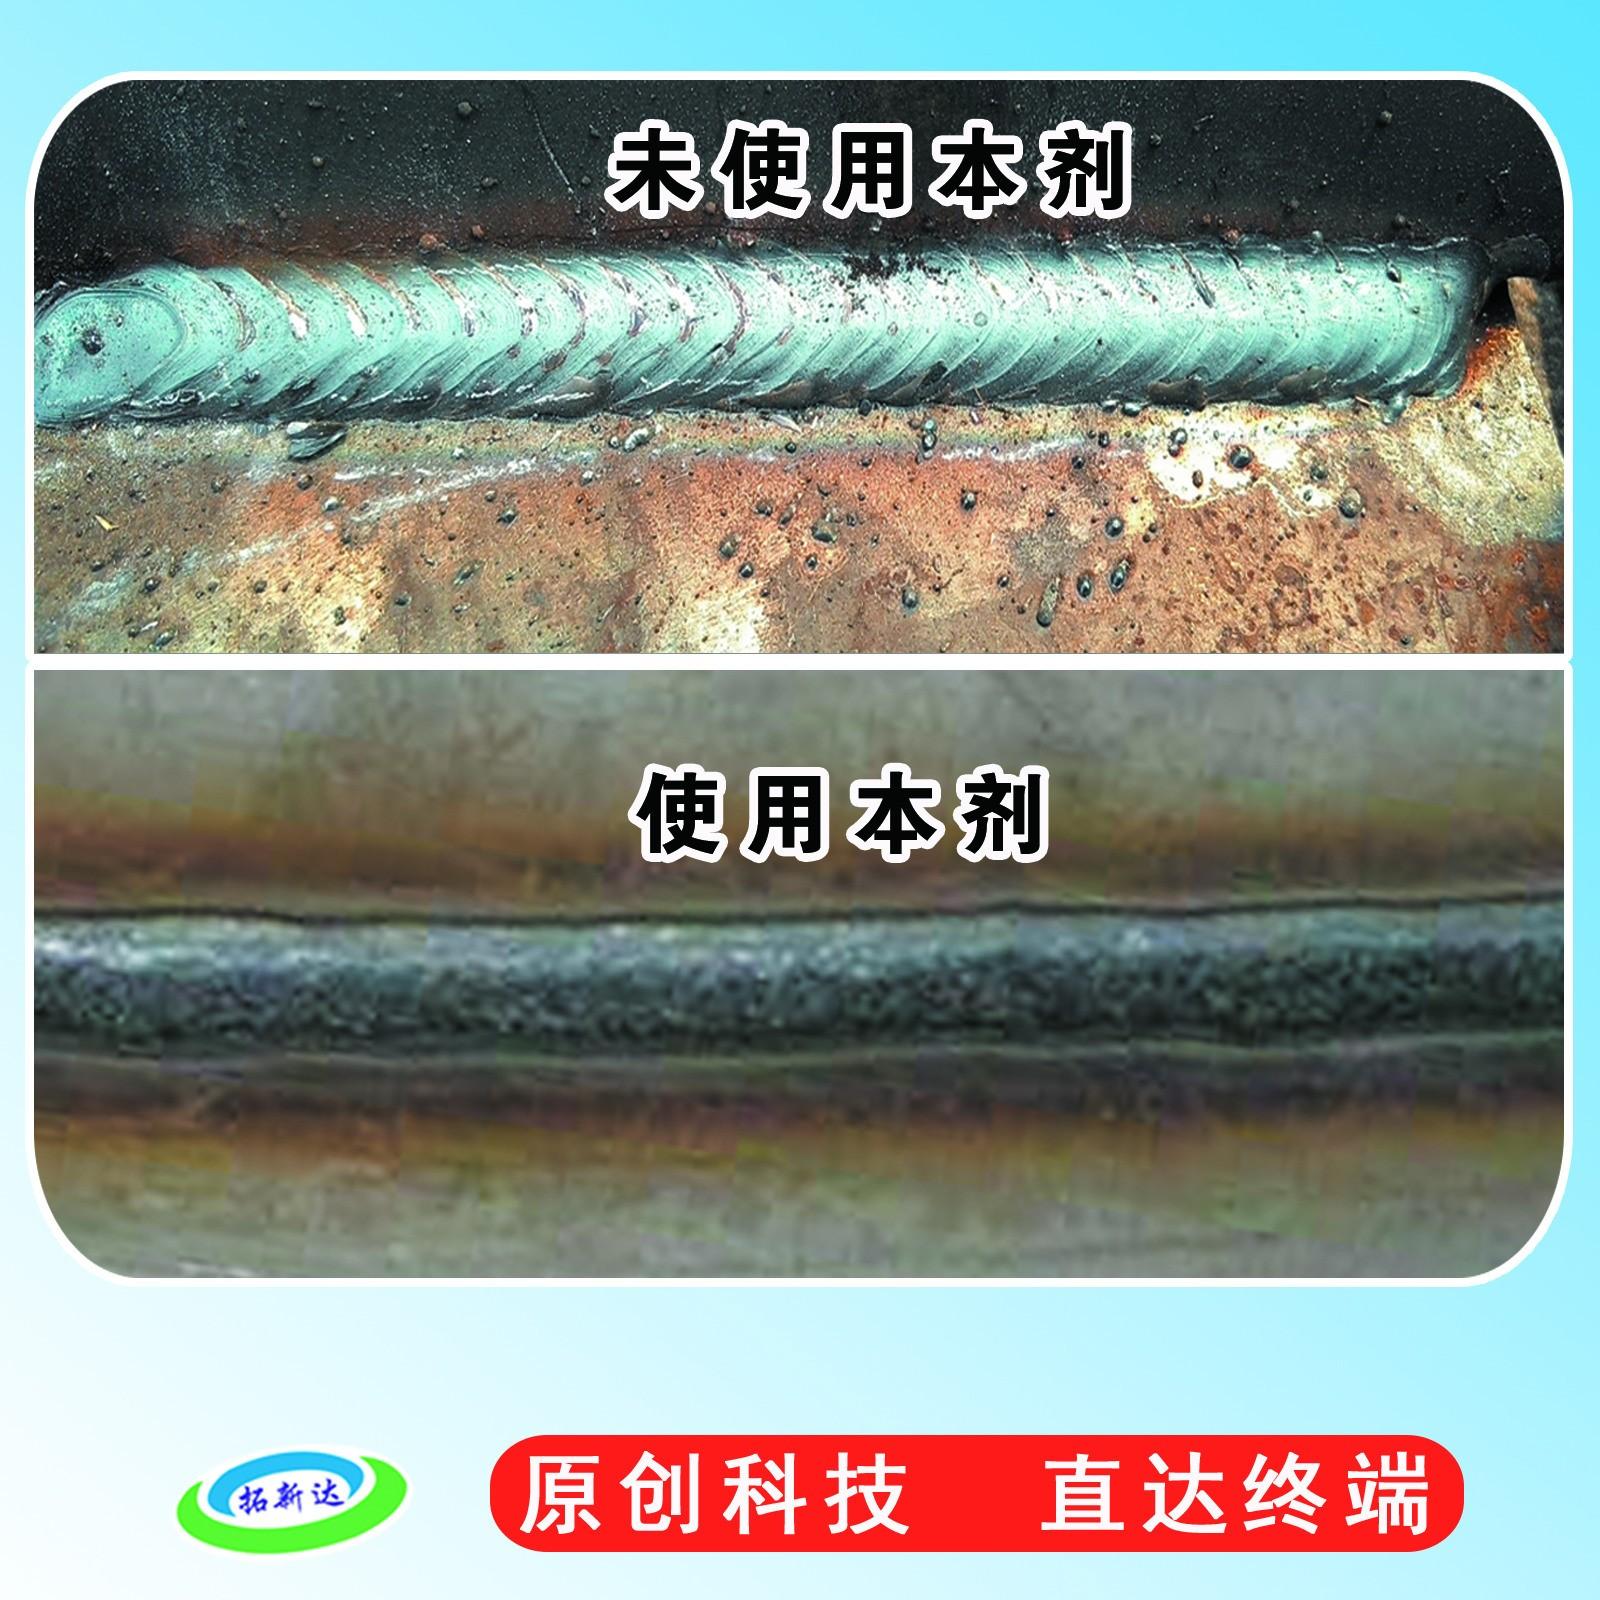 高效焊接防溅剂,焊渣防溅液 焊渣清除 防焊渣飞溅 焊接防飞溅剂